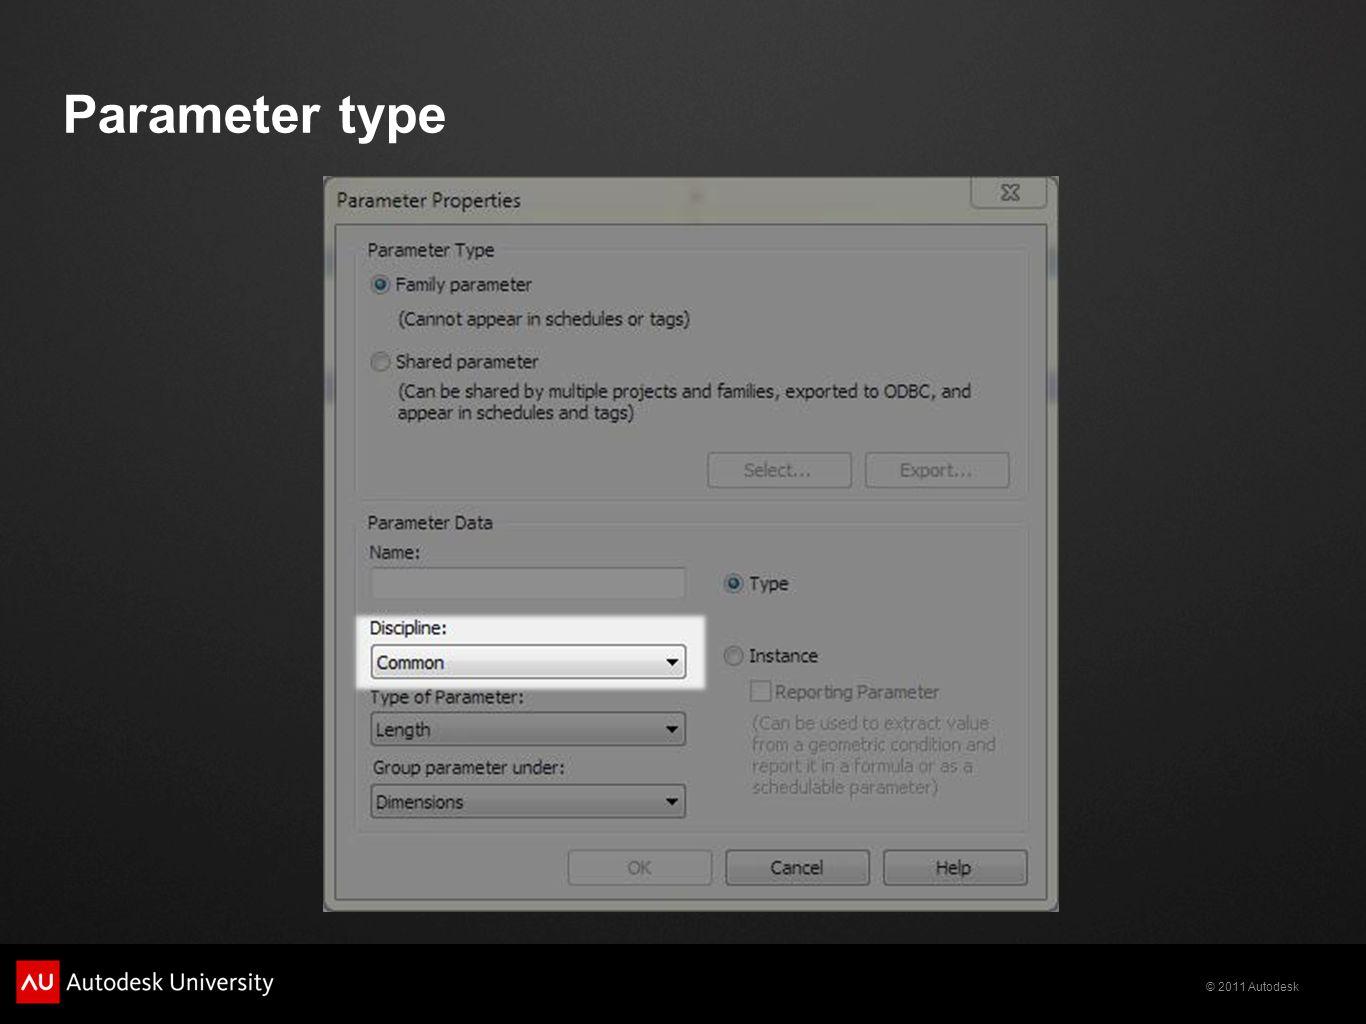 Parameter type